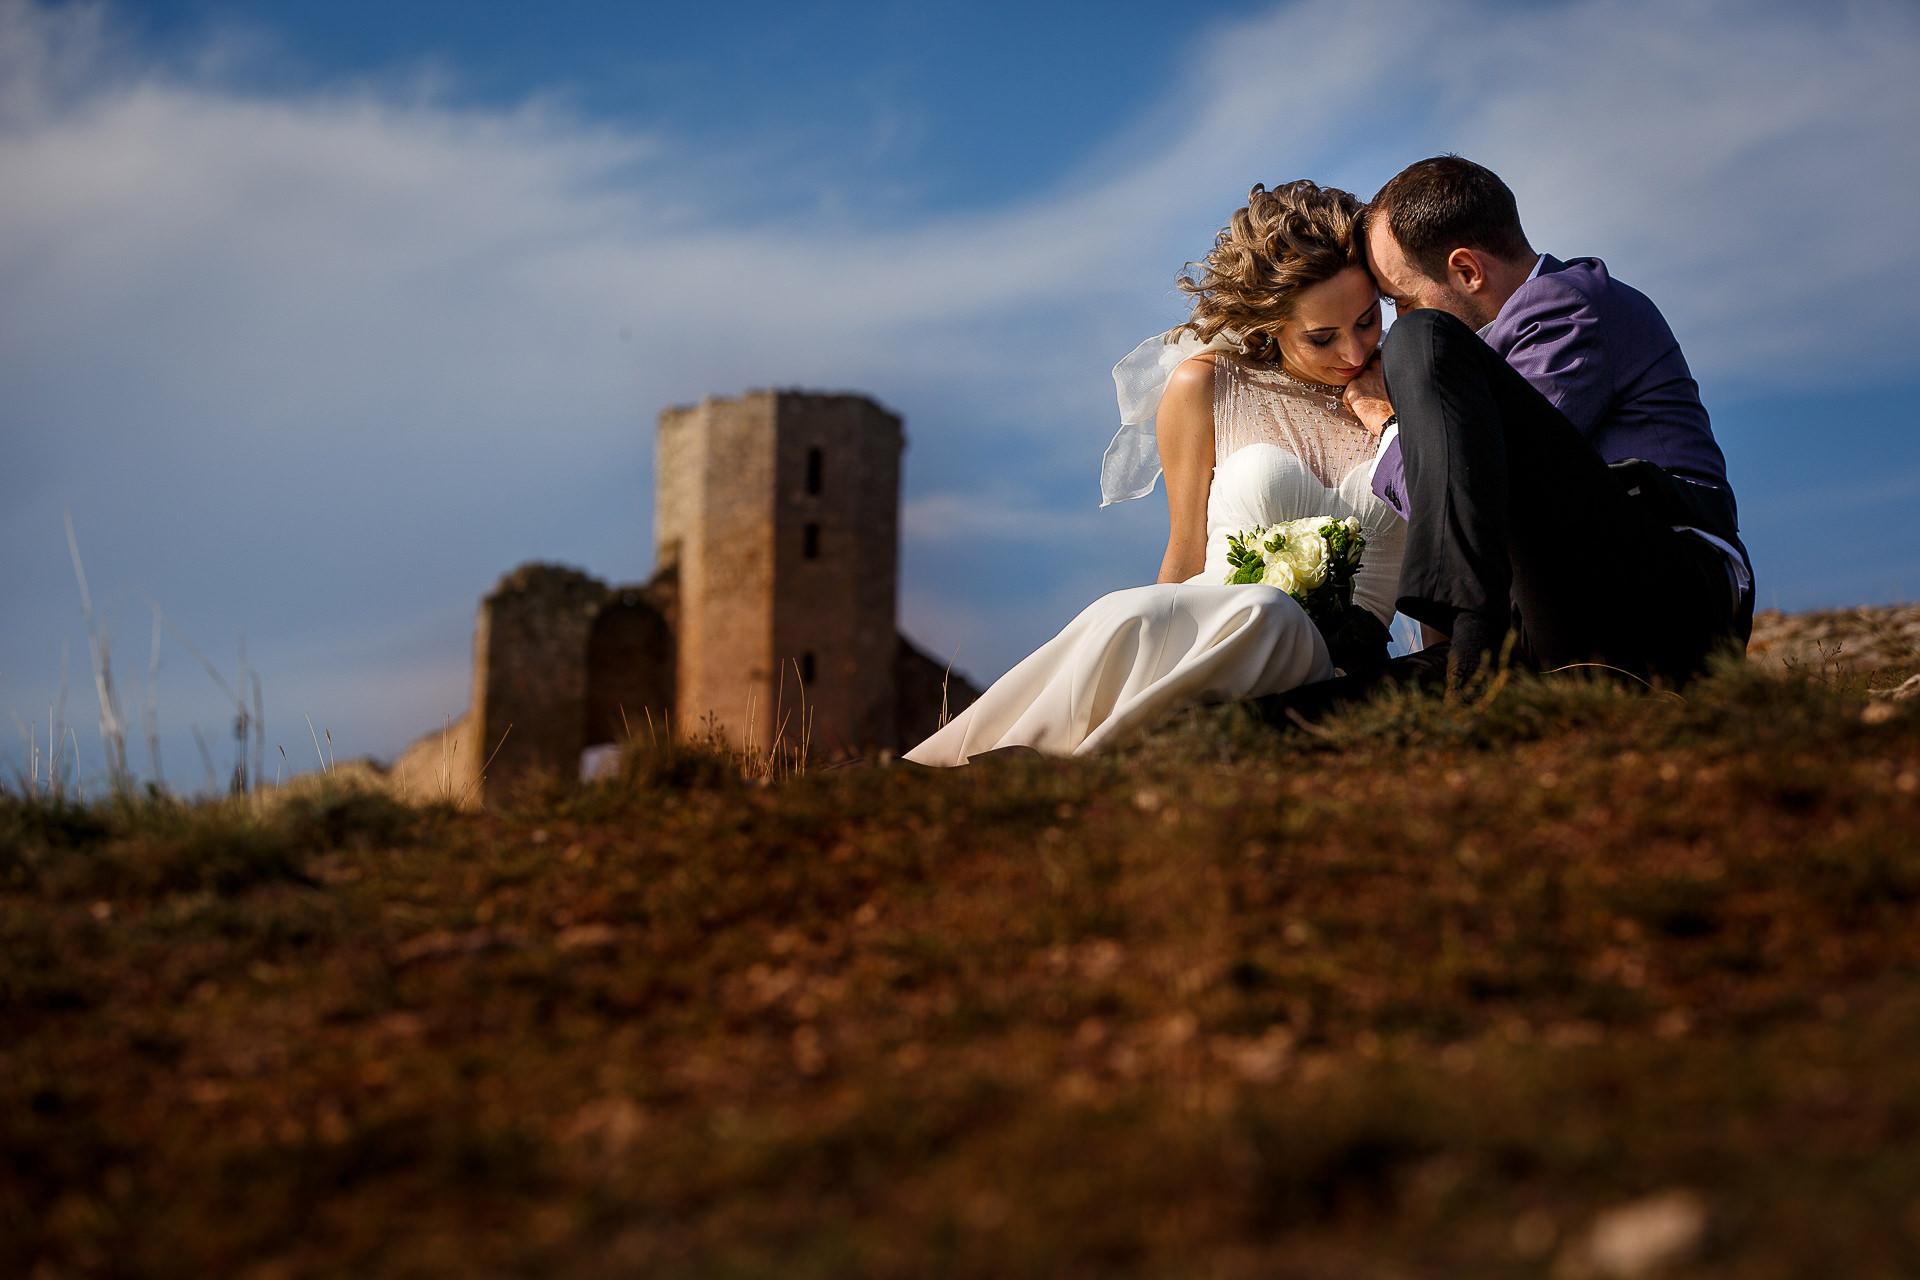 Şedinţă foto Trash The Dress - după nuntă la Cetatea Enisala, Tulcea - România - cu Mihaela şi Octavian - Mihai Zaharia Photography - 01